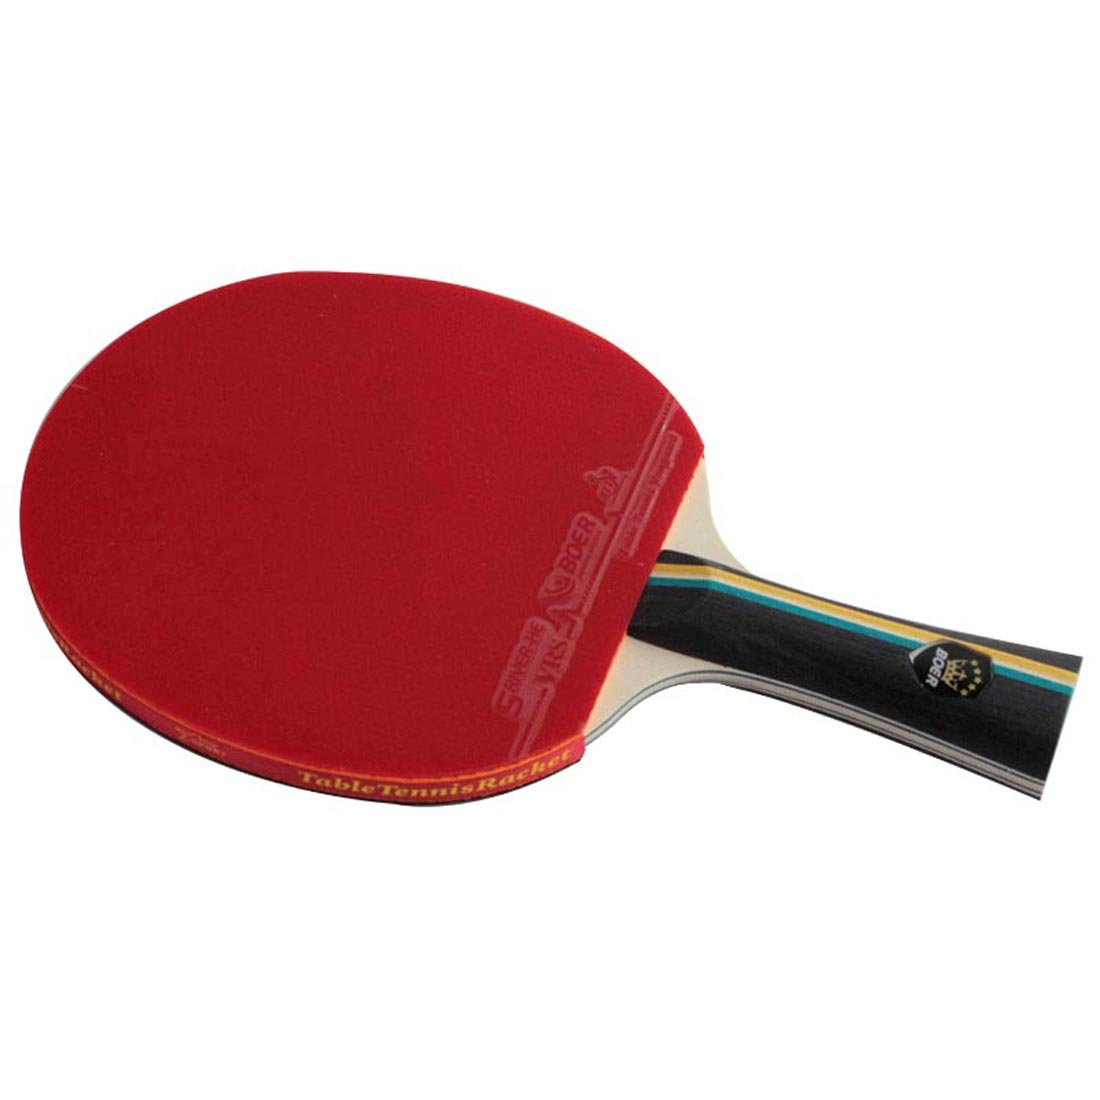 プロフェッショナル表テニスクラブ専用CompetitionとトレーニングTable Tennis Racketsピンポンパドル( Long )  2 STAR B06XXQSQ5M